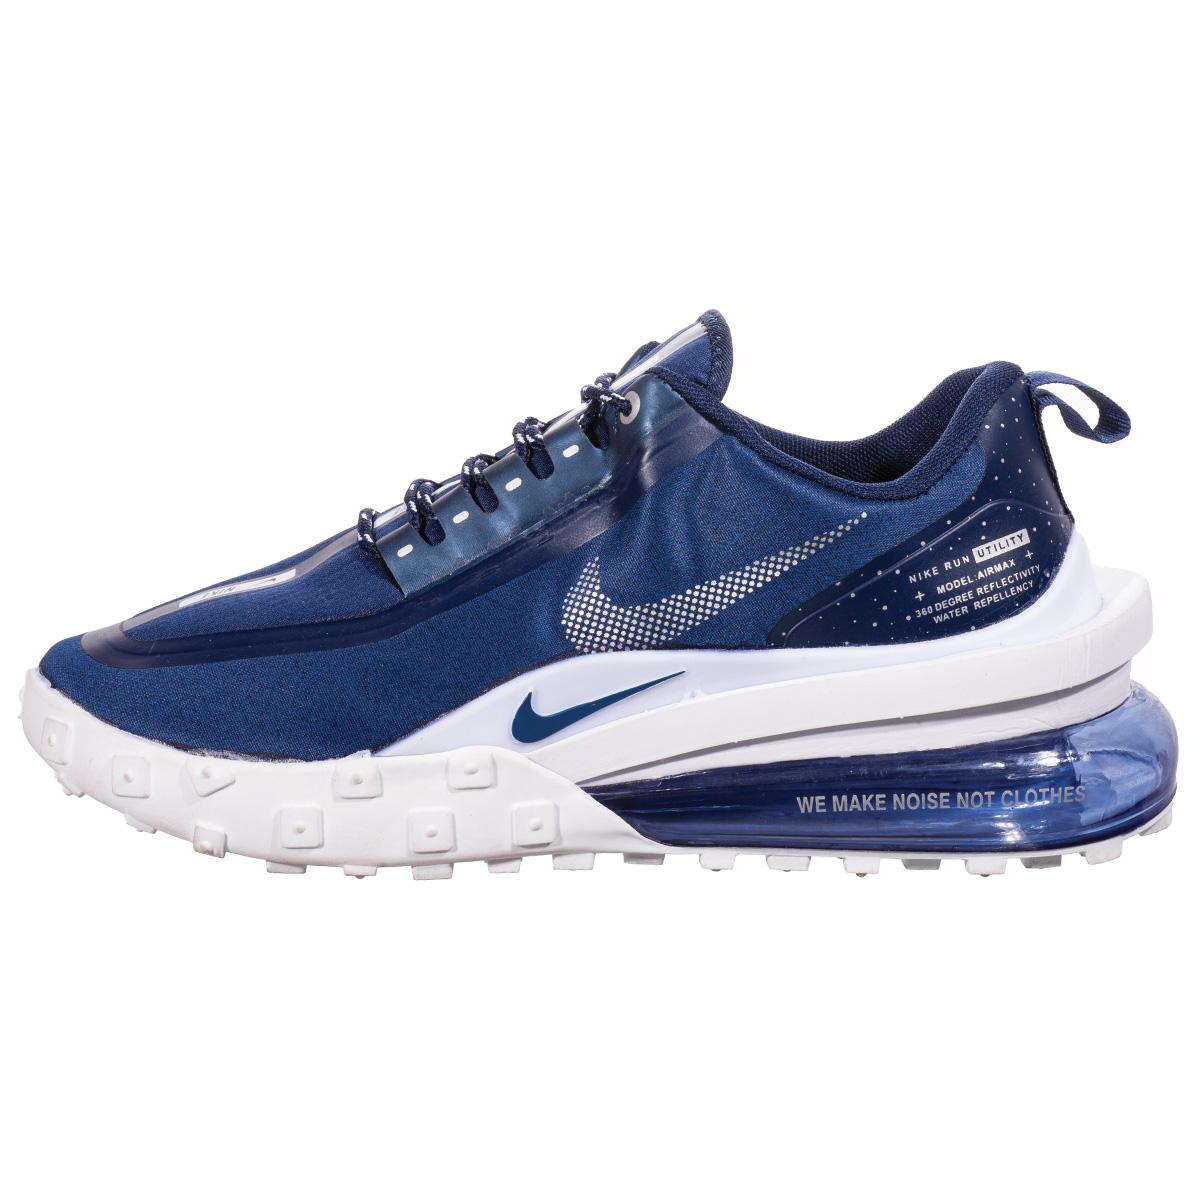 کفش مخصوص دویدن مردانه نایکی مدل AIR MAX UTILITY BLU-10002830